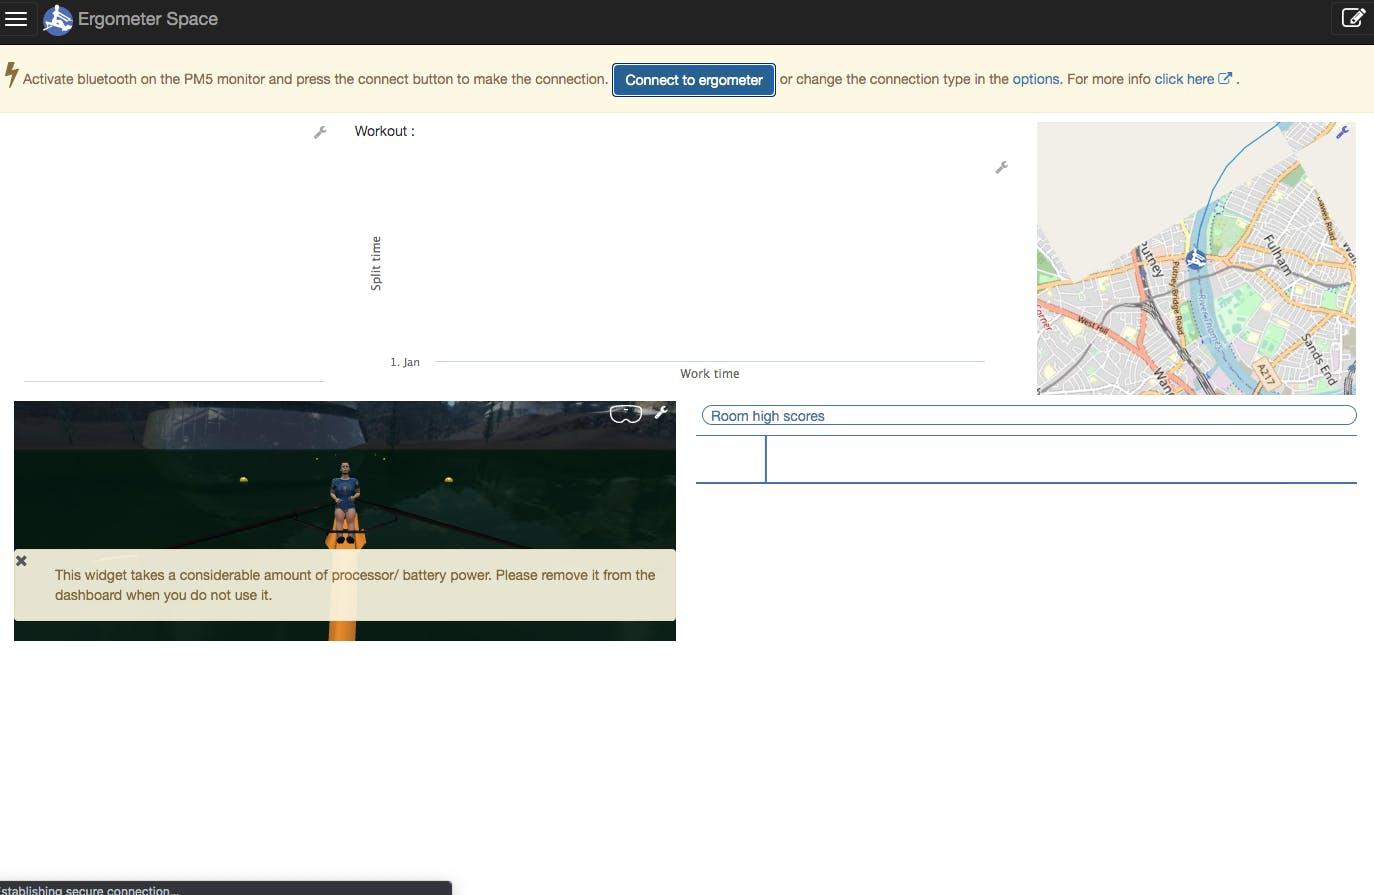 Ergometer Space app